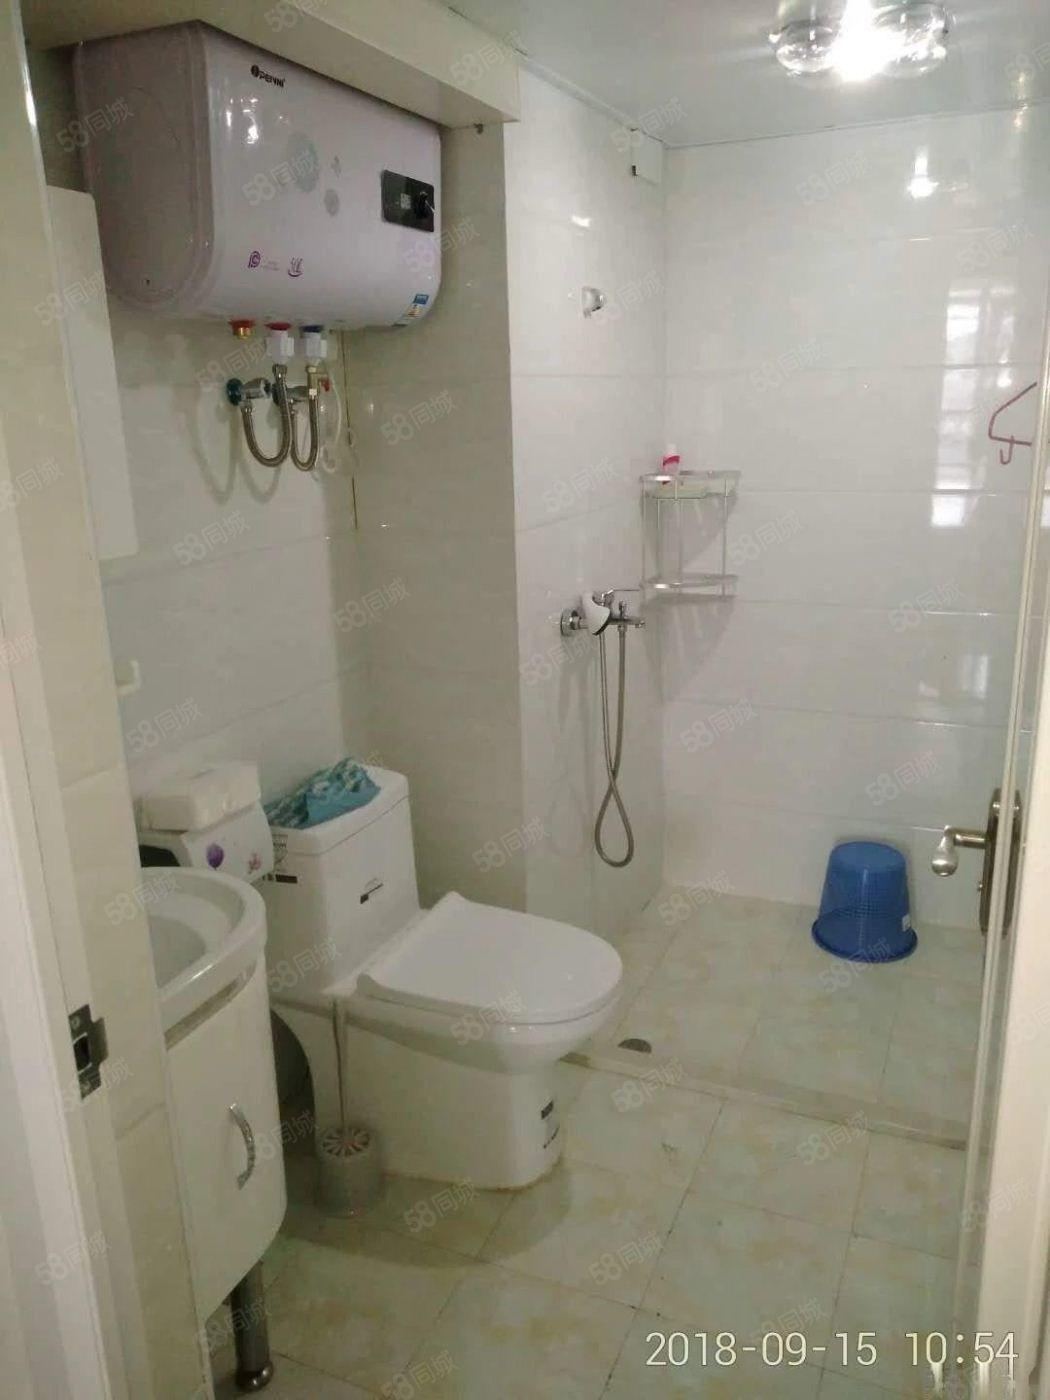 整租泰禾红树林艾特公寓单身公寓设备齐全拎包入住租金1200